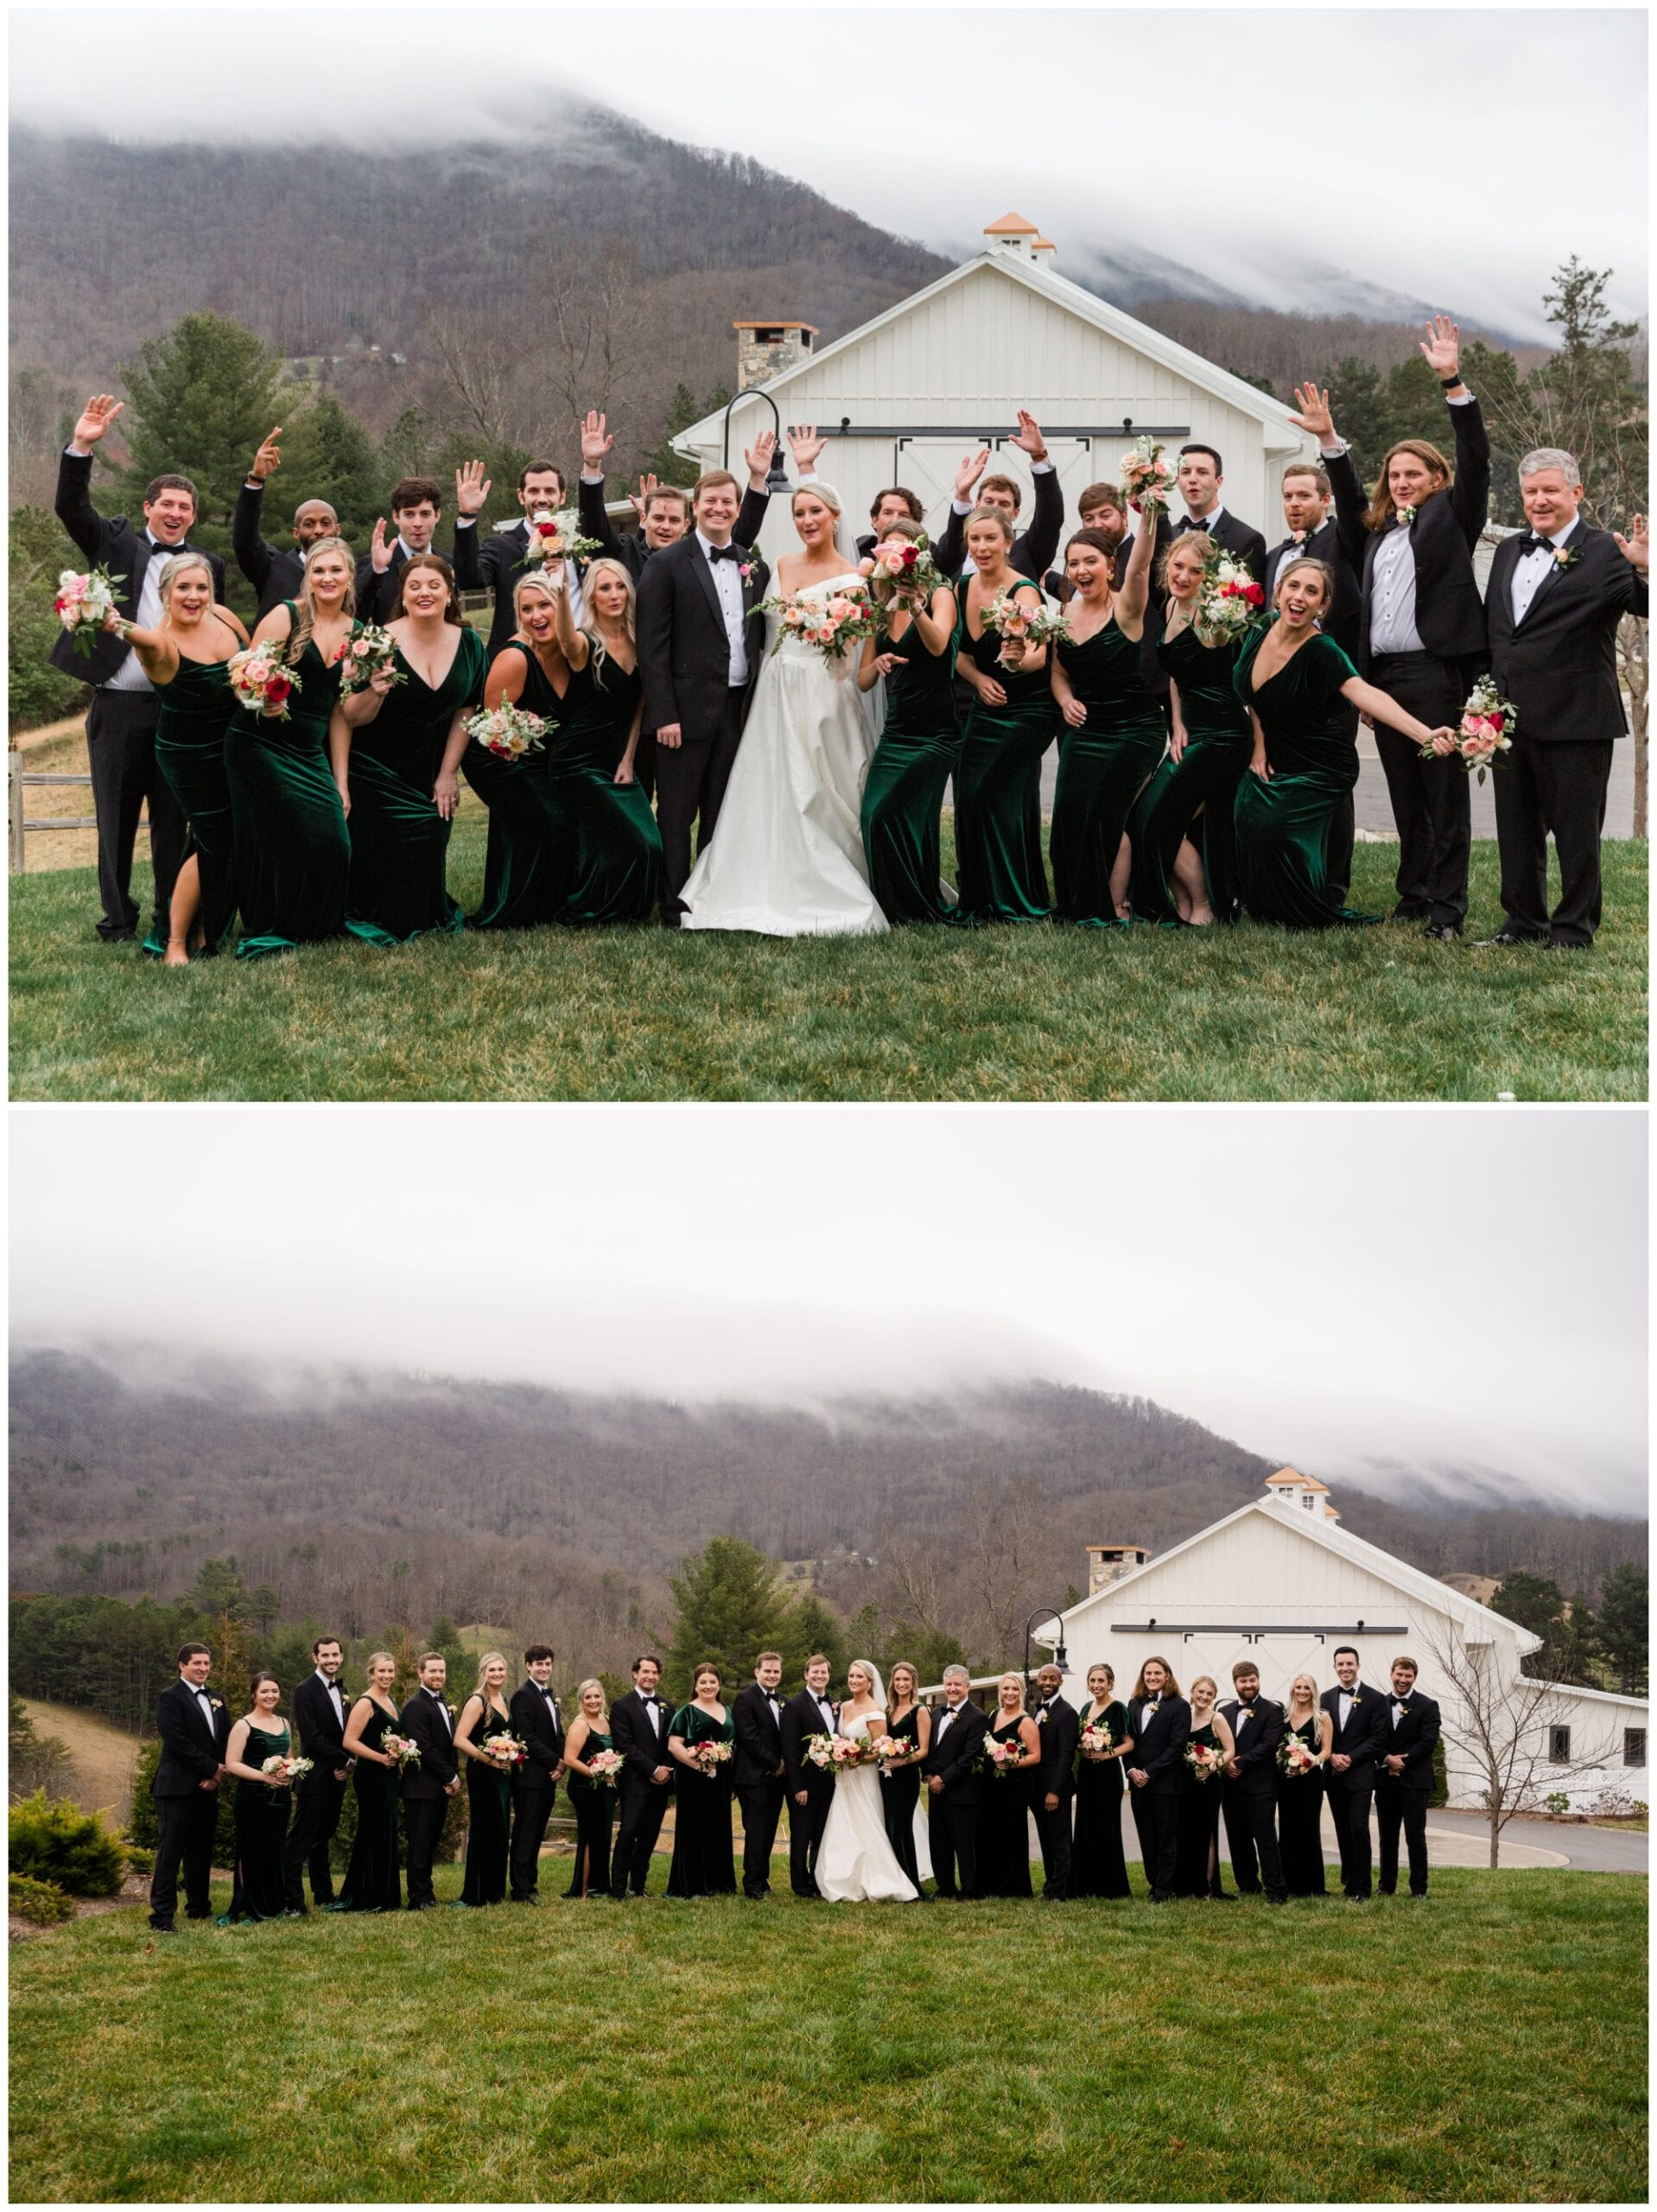 Wedding-party- Photos-Asheville